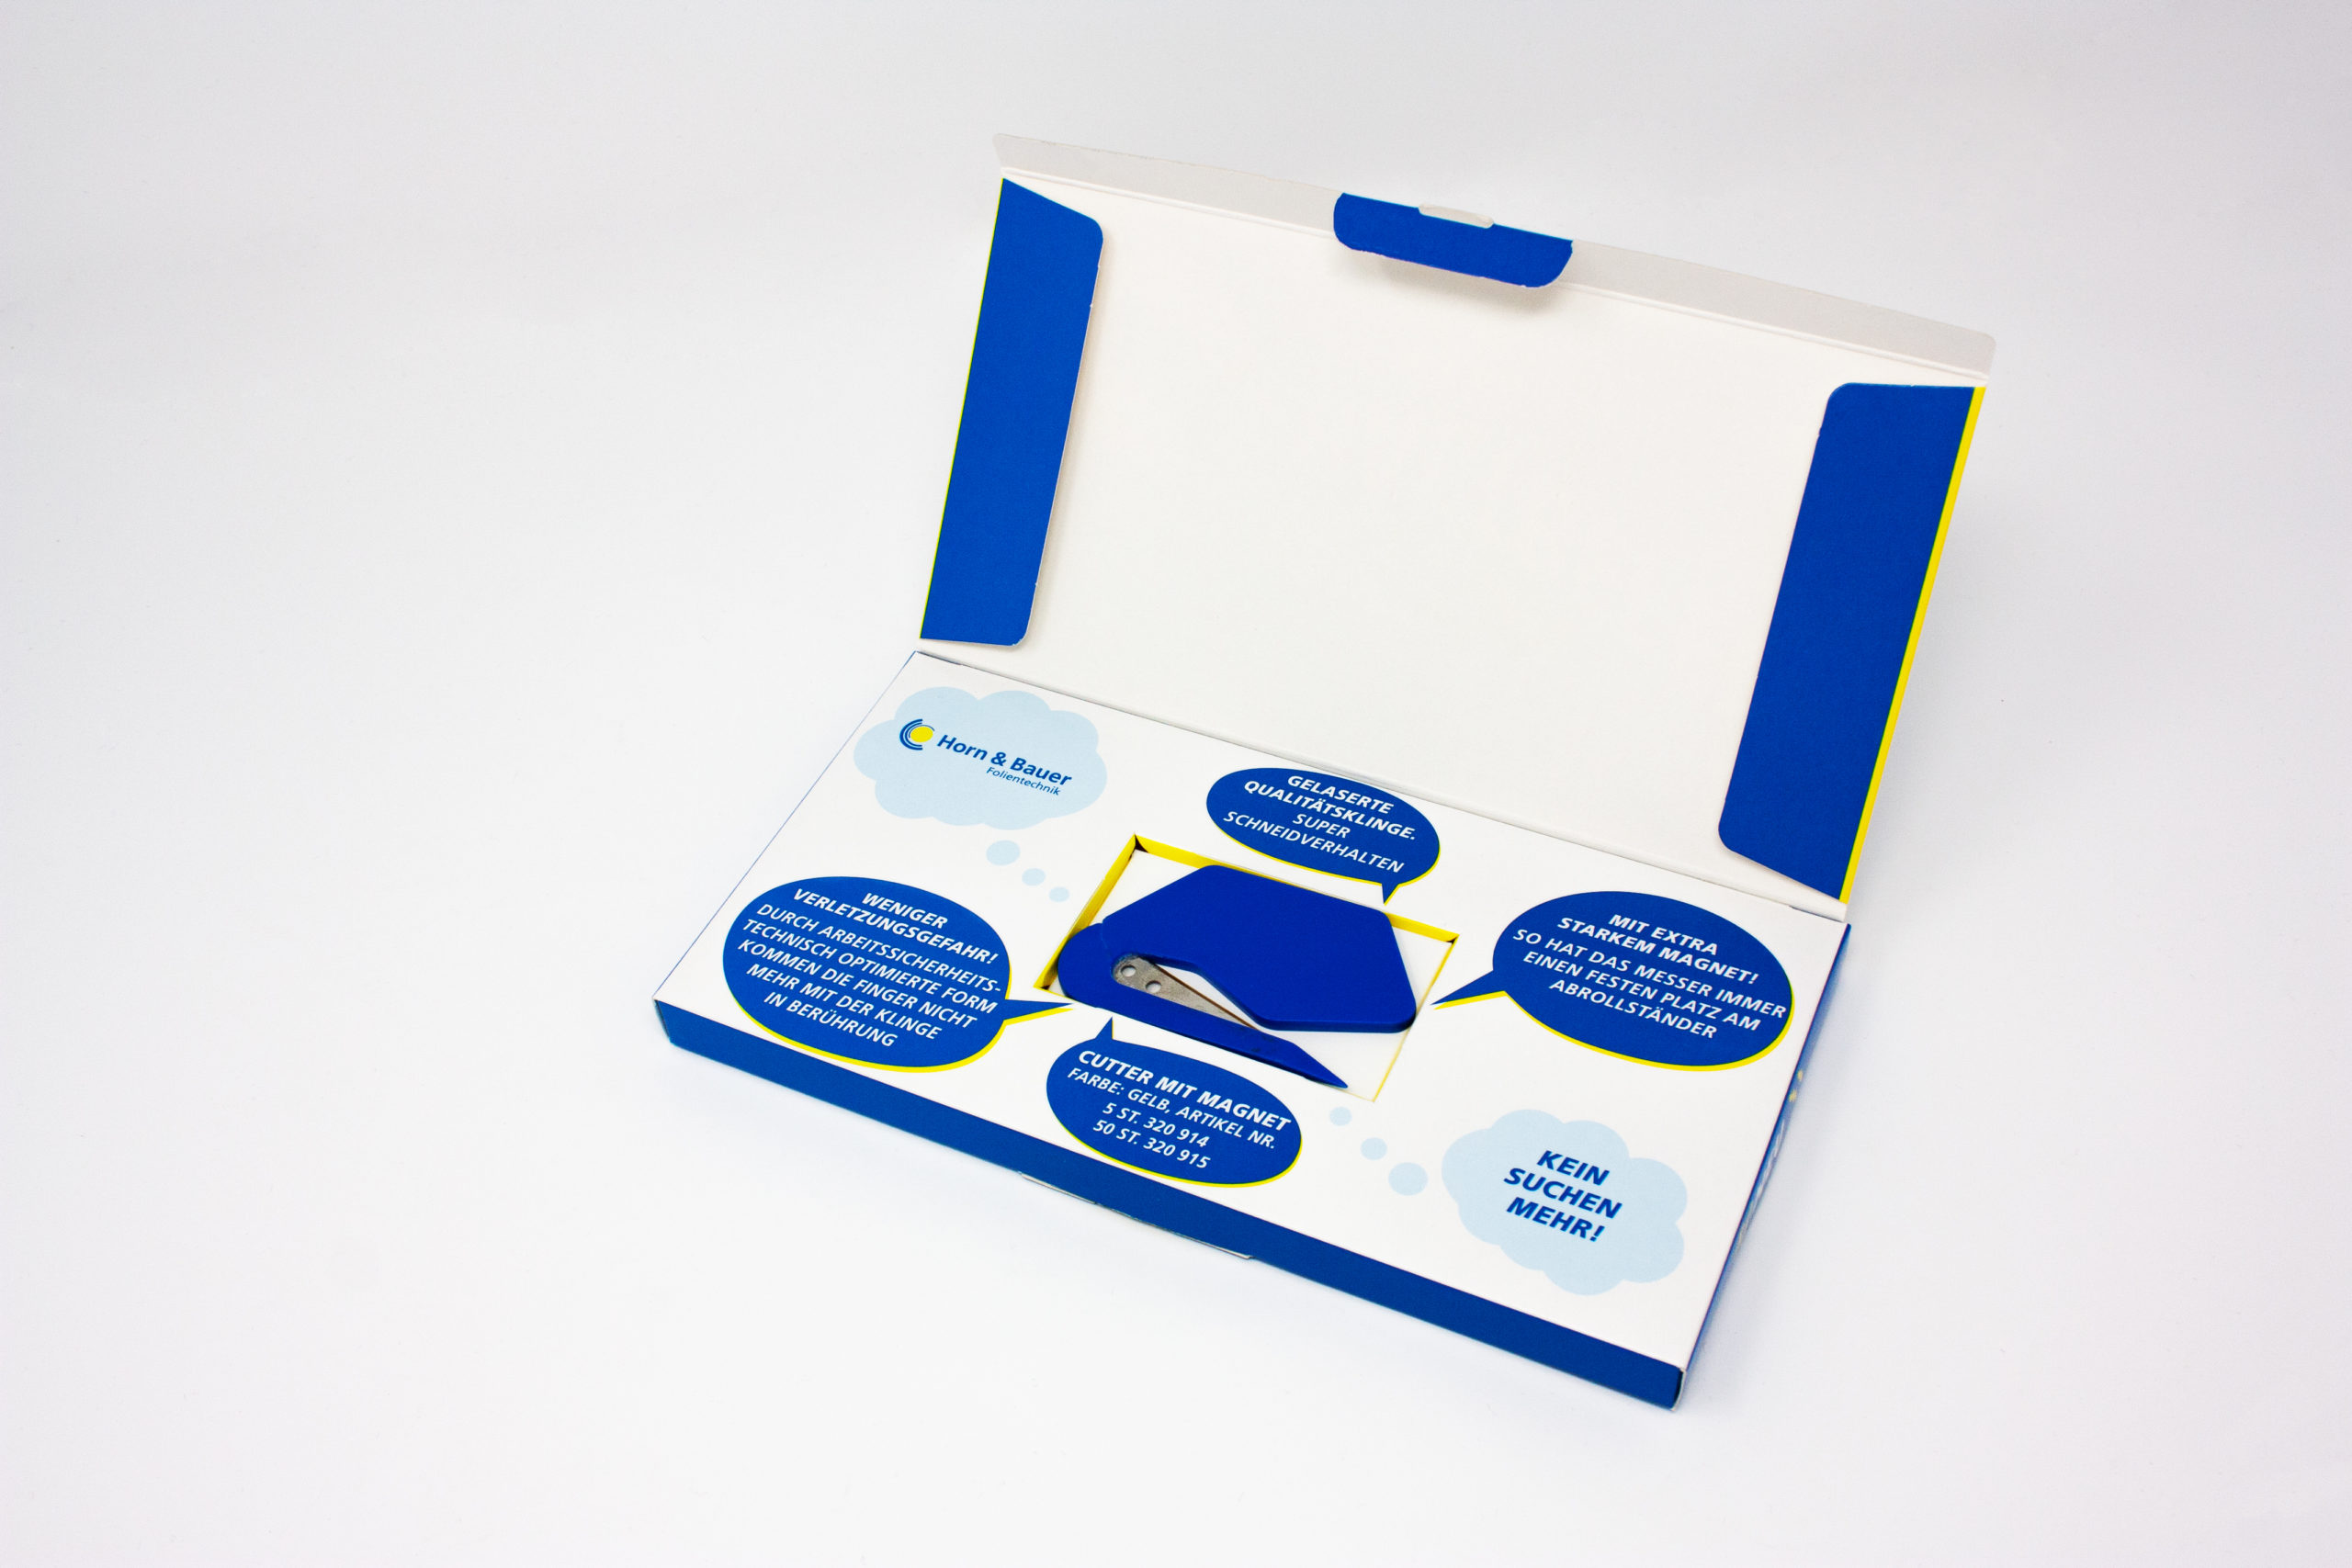 FORMLOS-Horn-und-Bauer-Corporate-Design-Verpackungsdesign-02